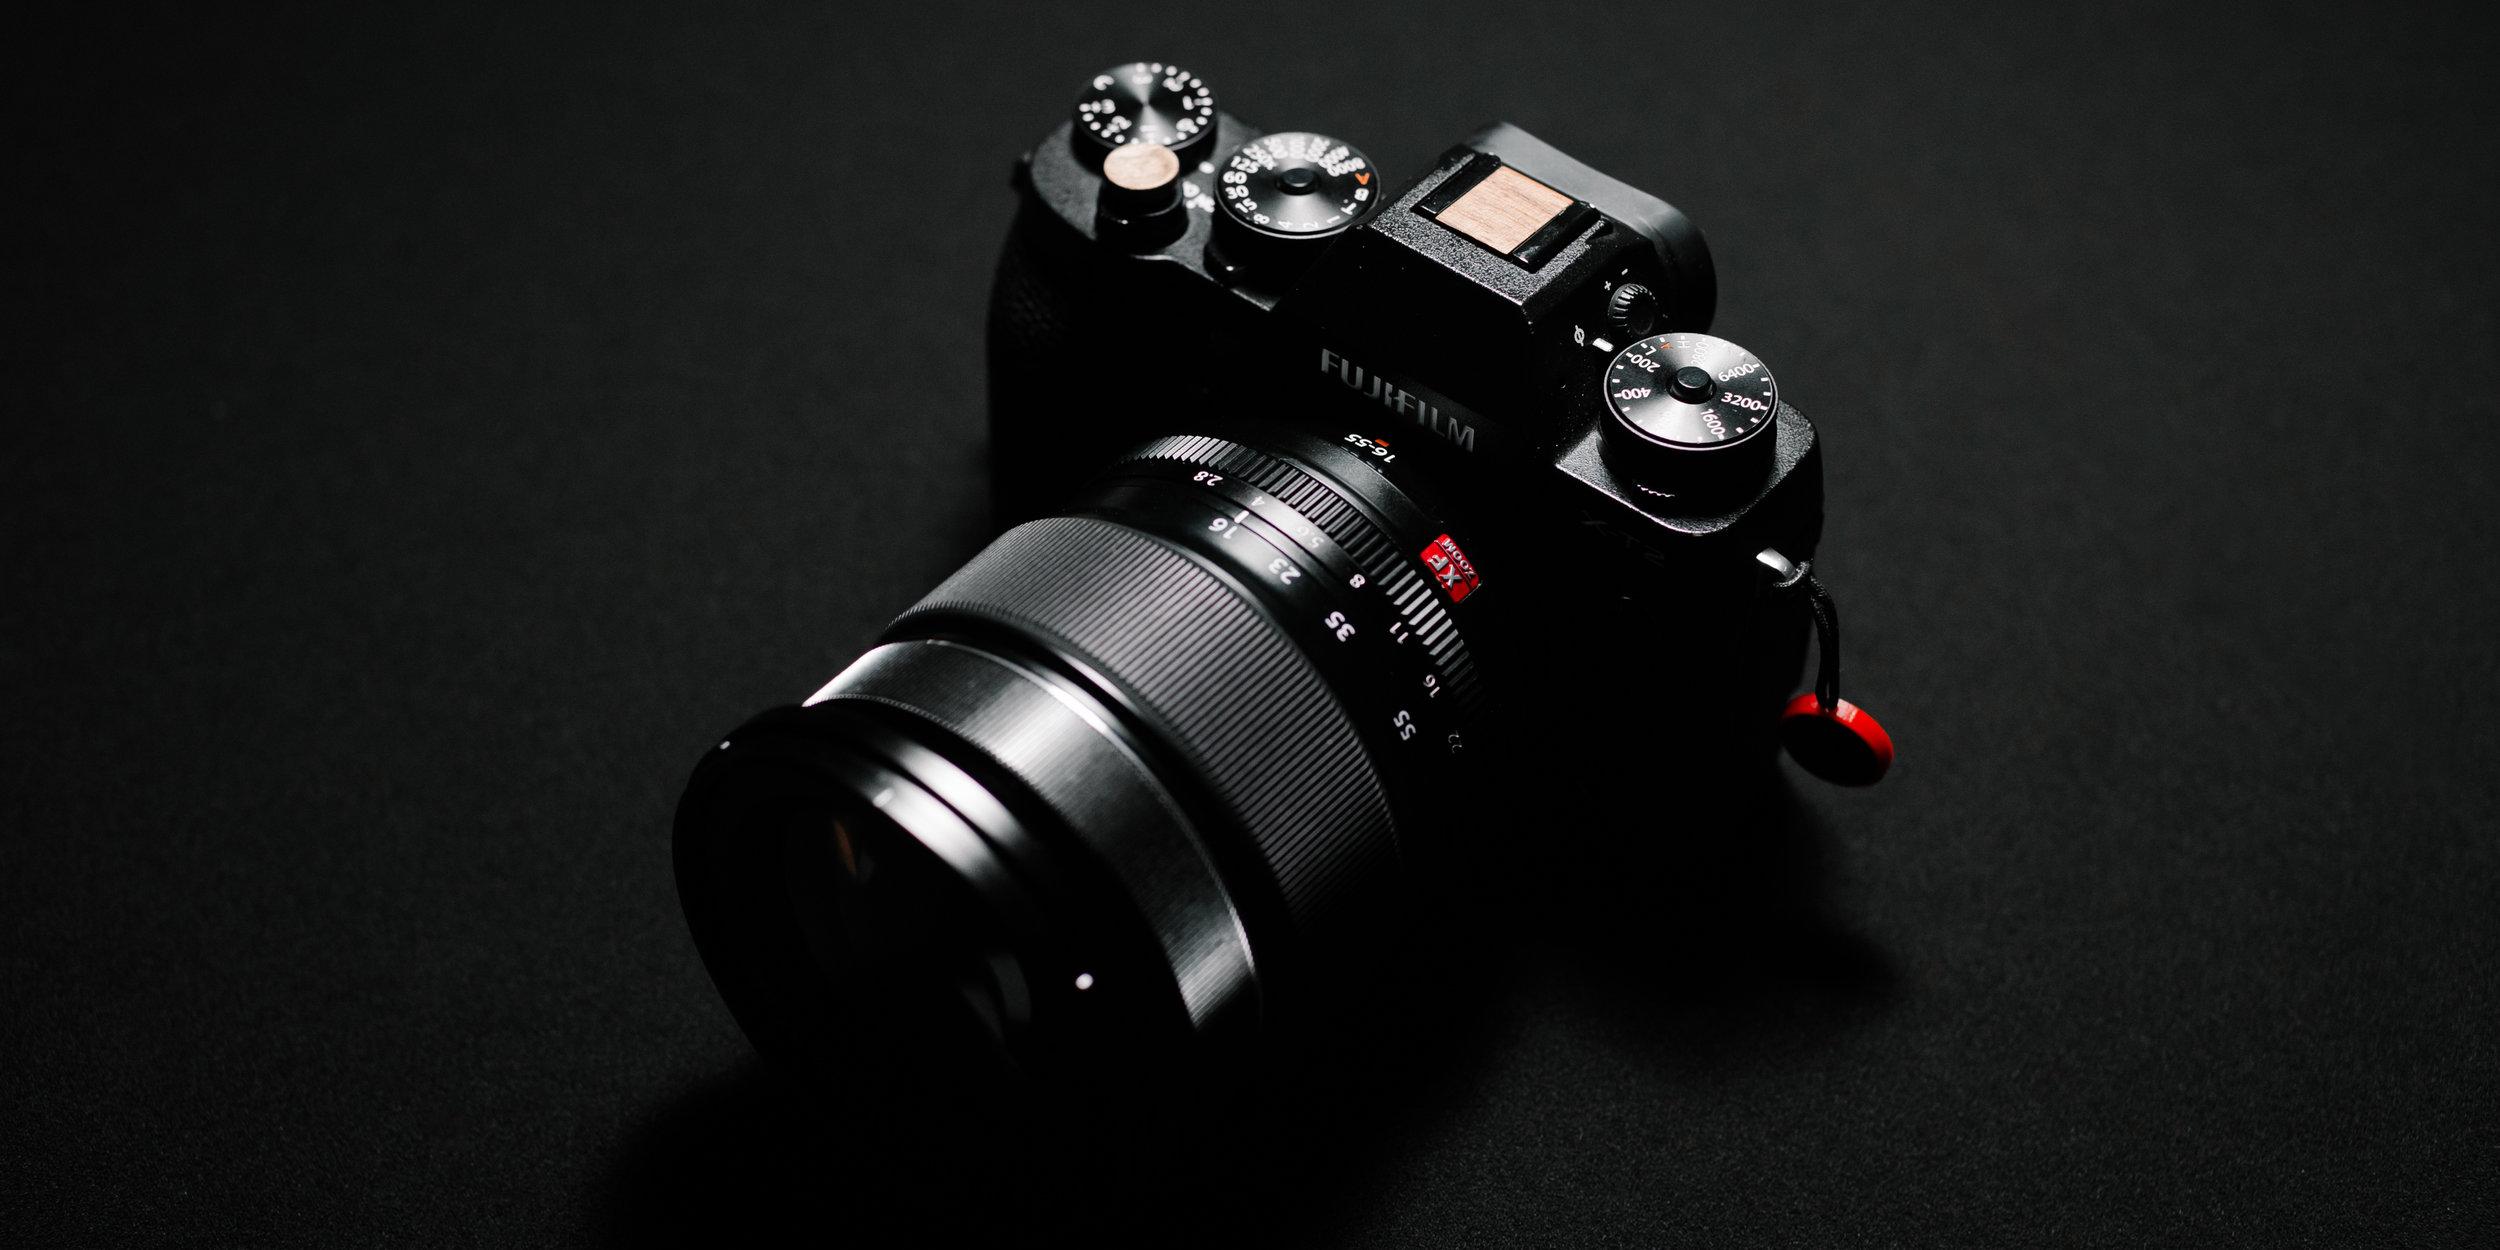 fuji-xt2-system-1.jpg